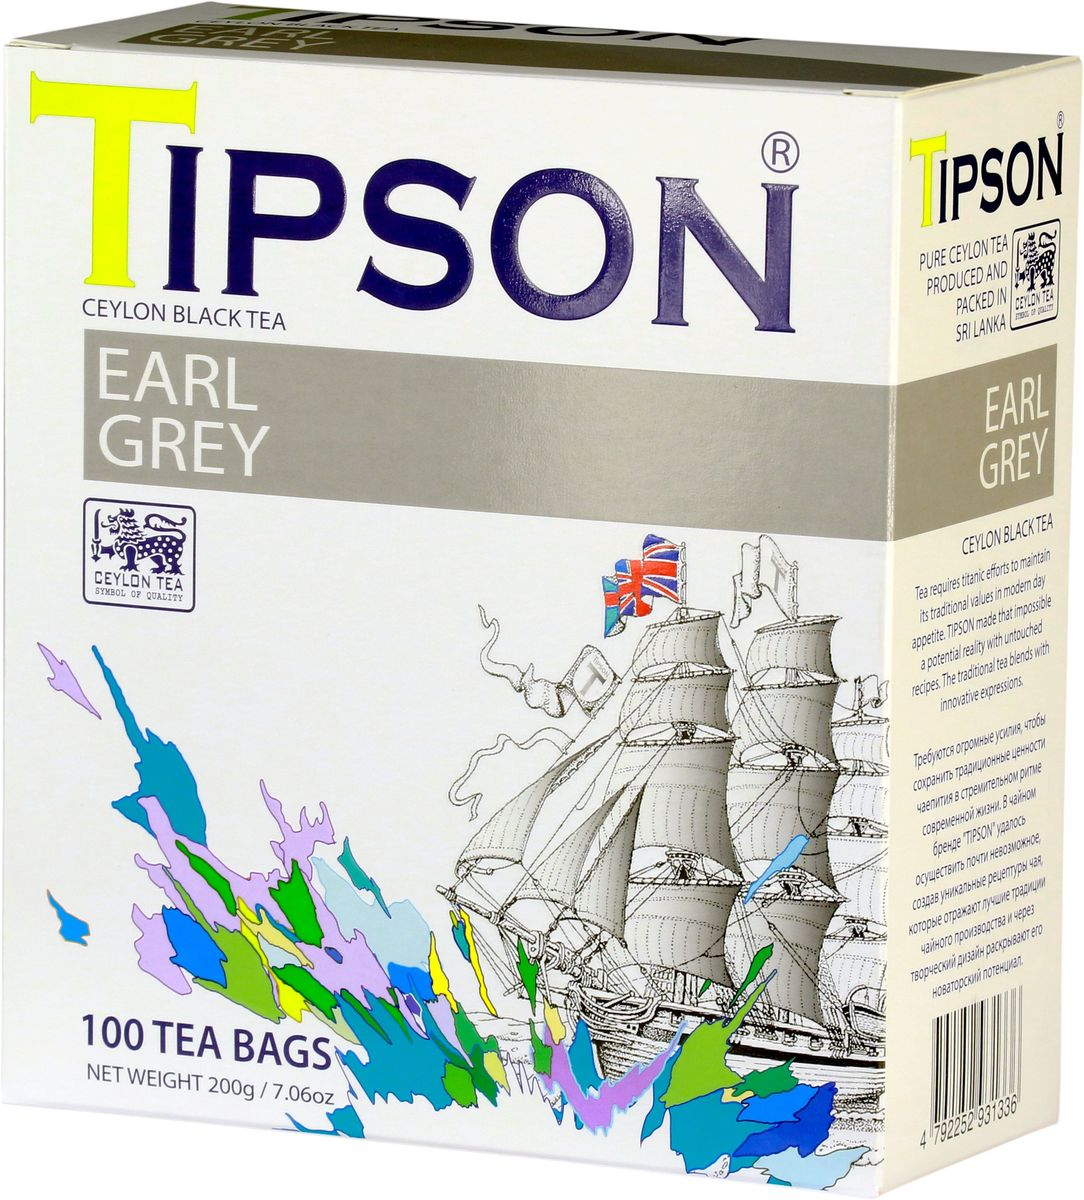 Tipson Earl Grey черный чай с бергамотом в пакетиках, 100 шт80101-00Чай чёрный цейлонский байховый мелколистовой Tipson Эрл Грей с ароматом бергамота в пакетиках с ярлычками для разовой заварки. Этот элитный чай с лёгким оттенком бергамота создан в лучших английских традициях. Он способствует отдыху, пробуждает вдохновение и дарит моменты наслаждения.